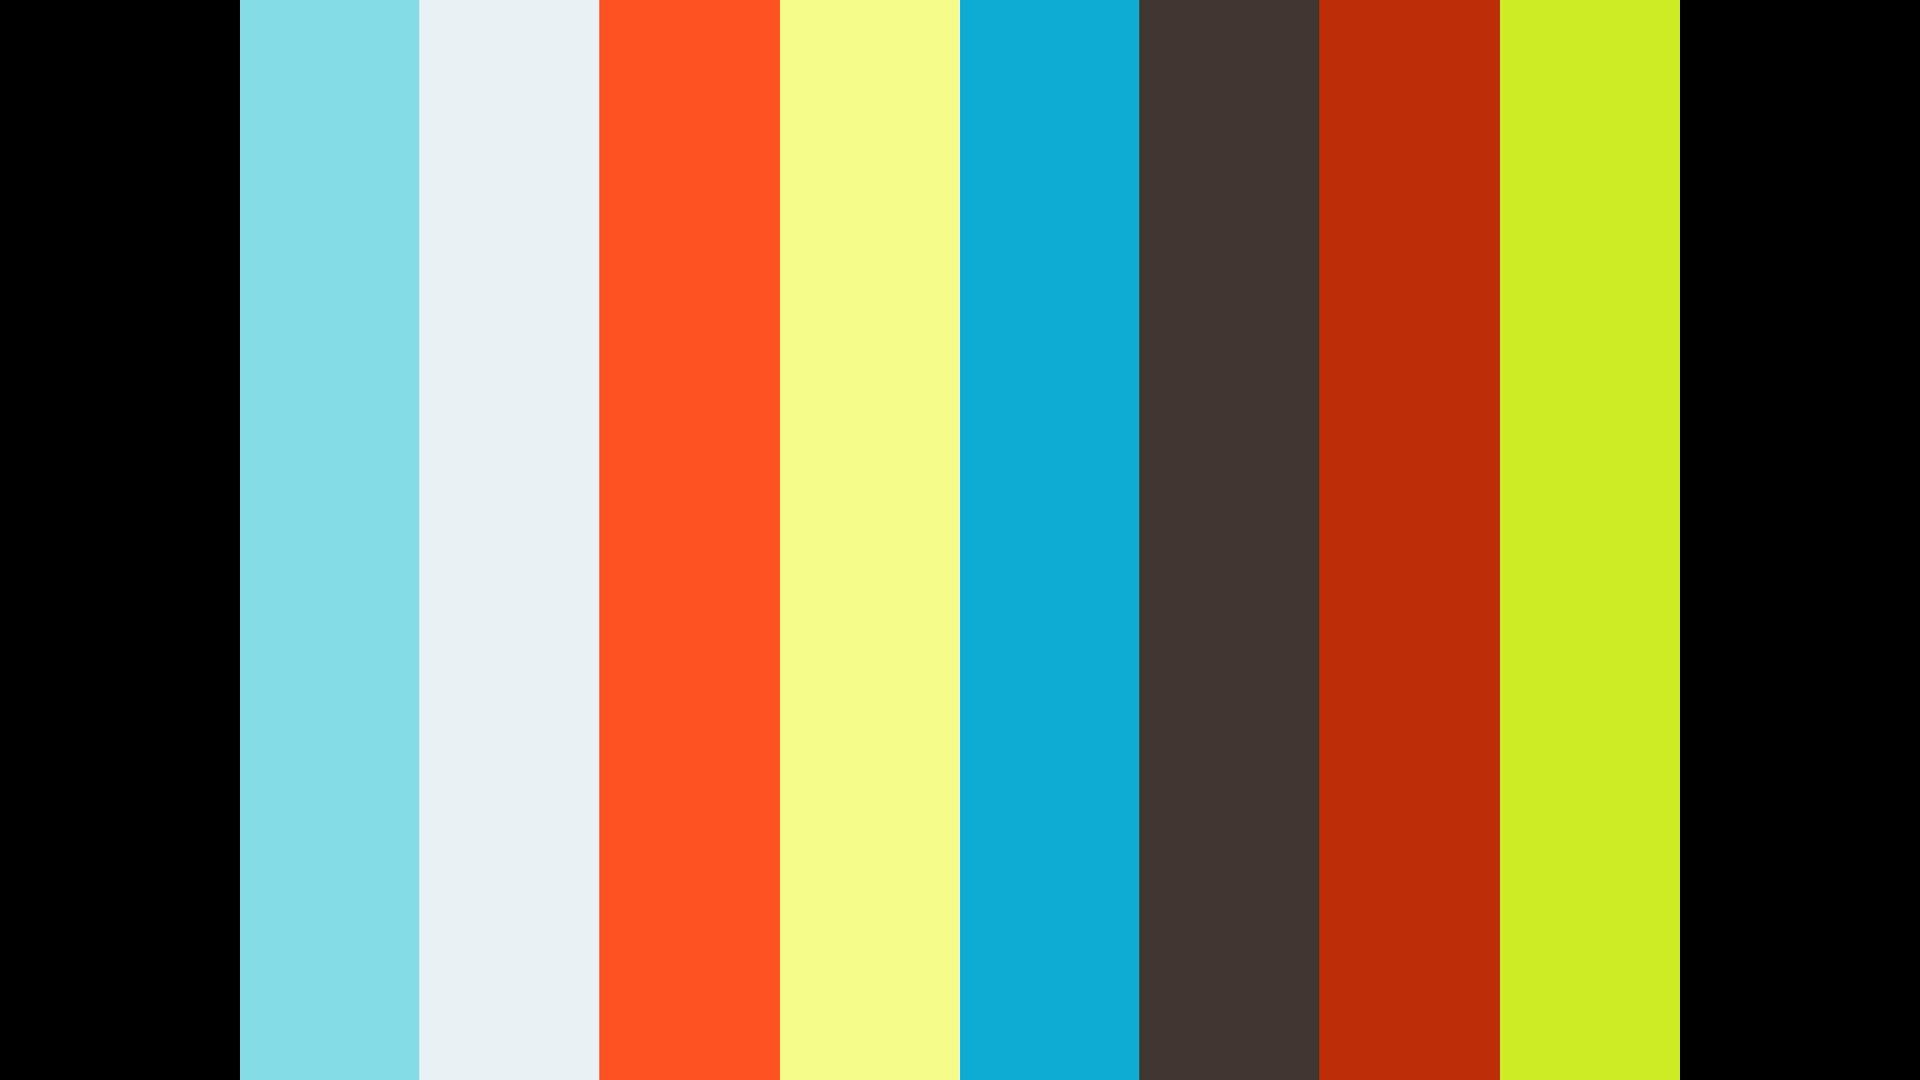 2021_07_14 - Spades - Preflop ICM 3